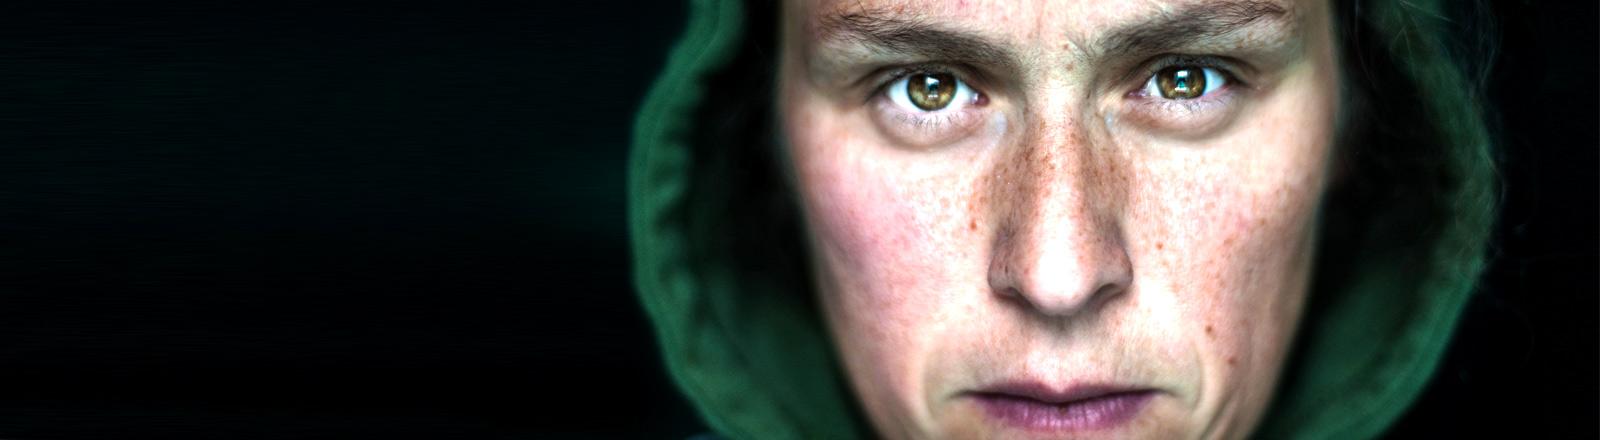 Eine Person im Hoodie mit entschlossenem Blick